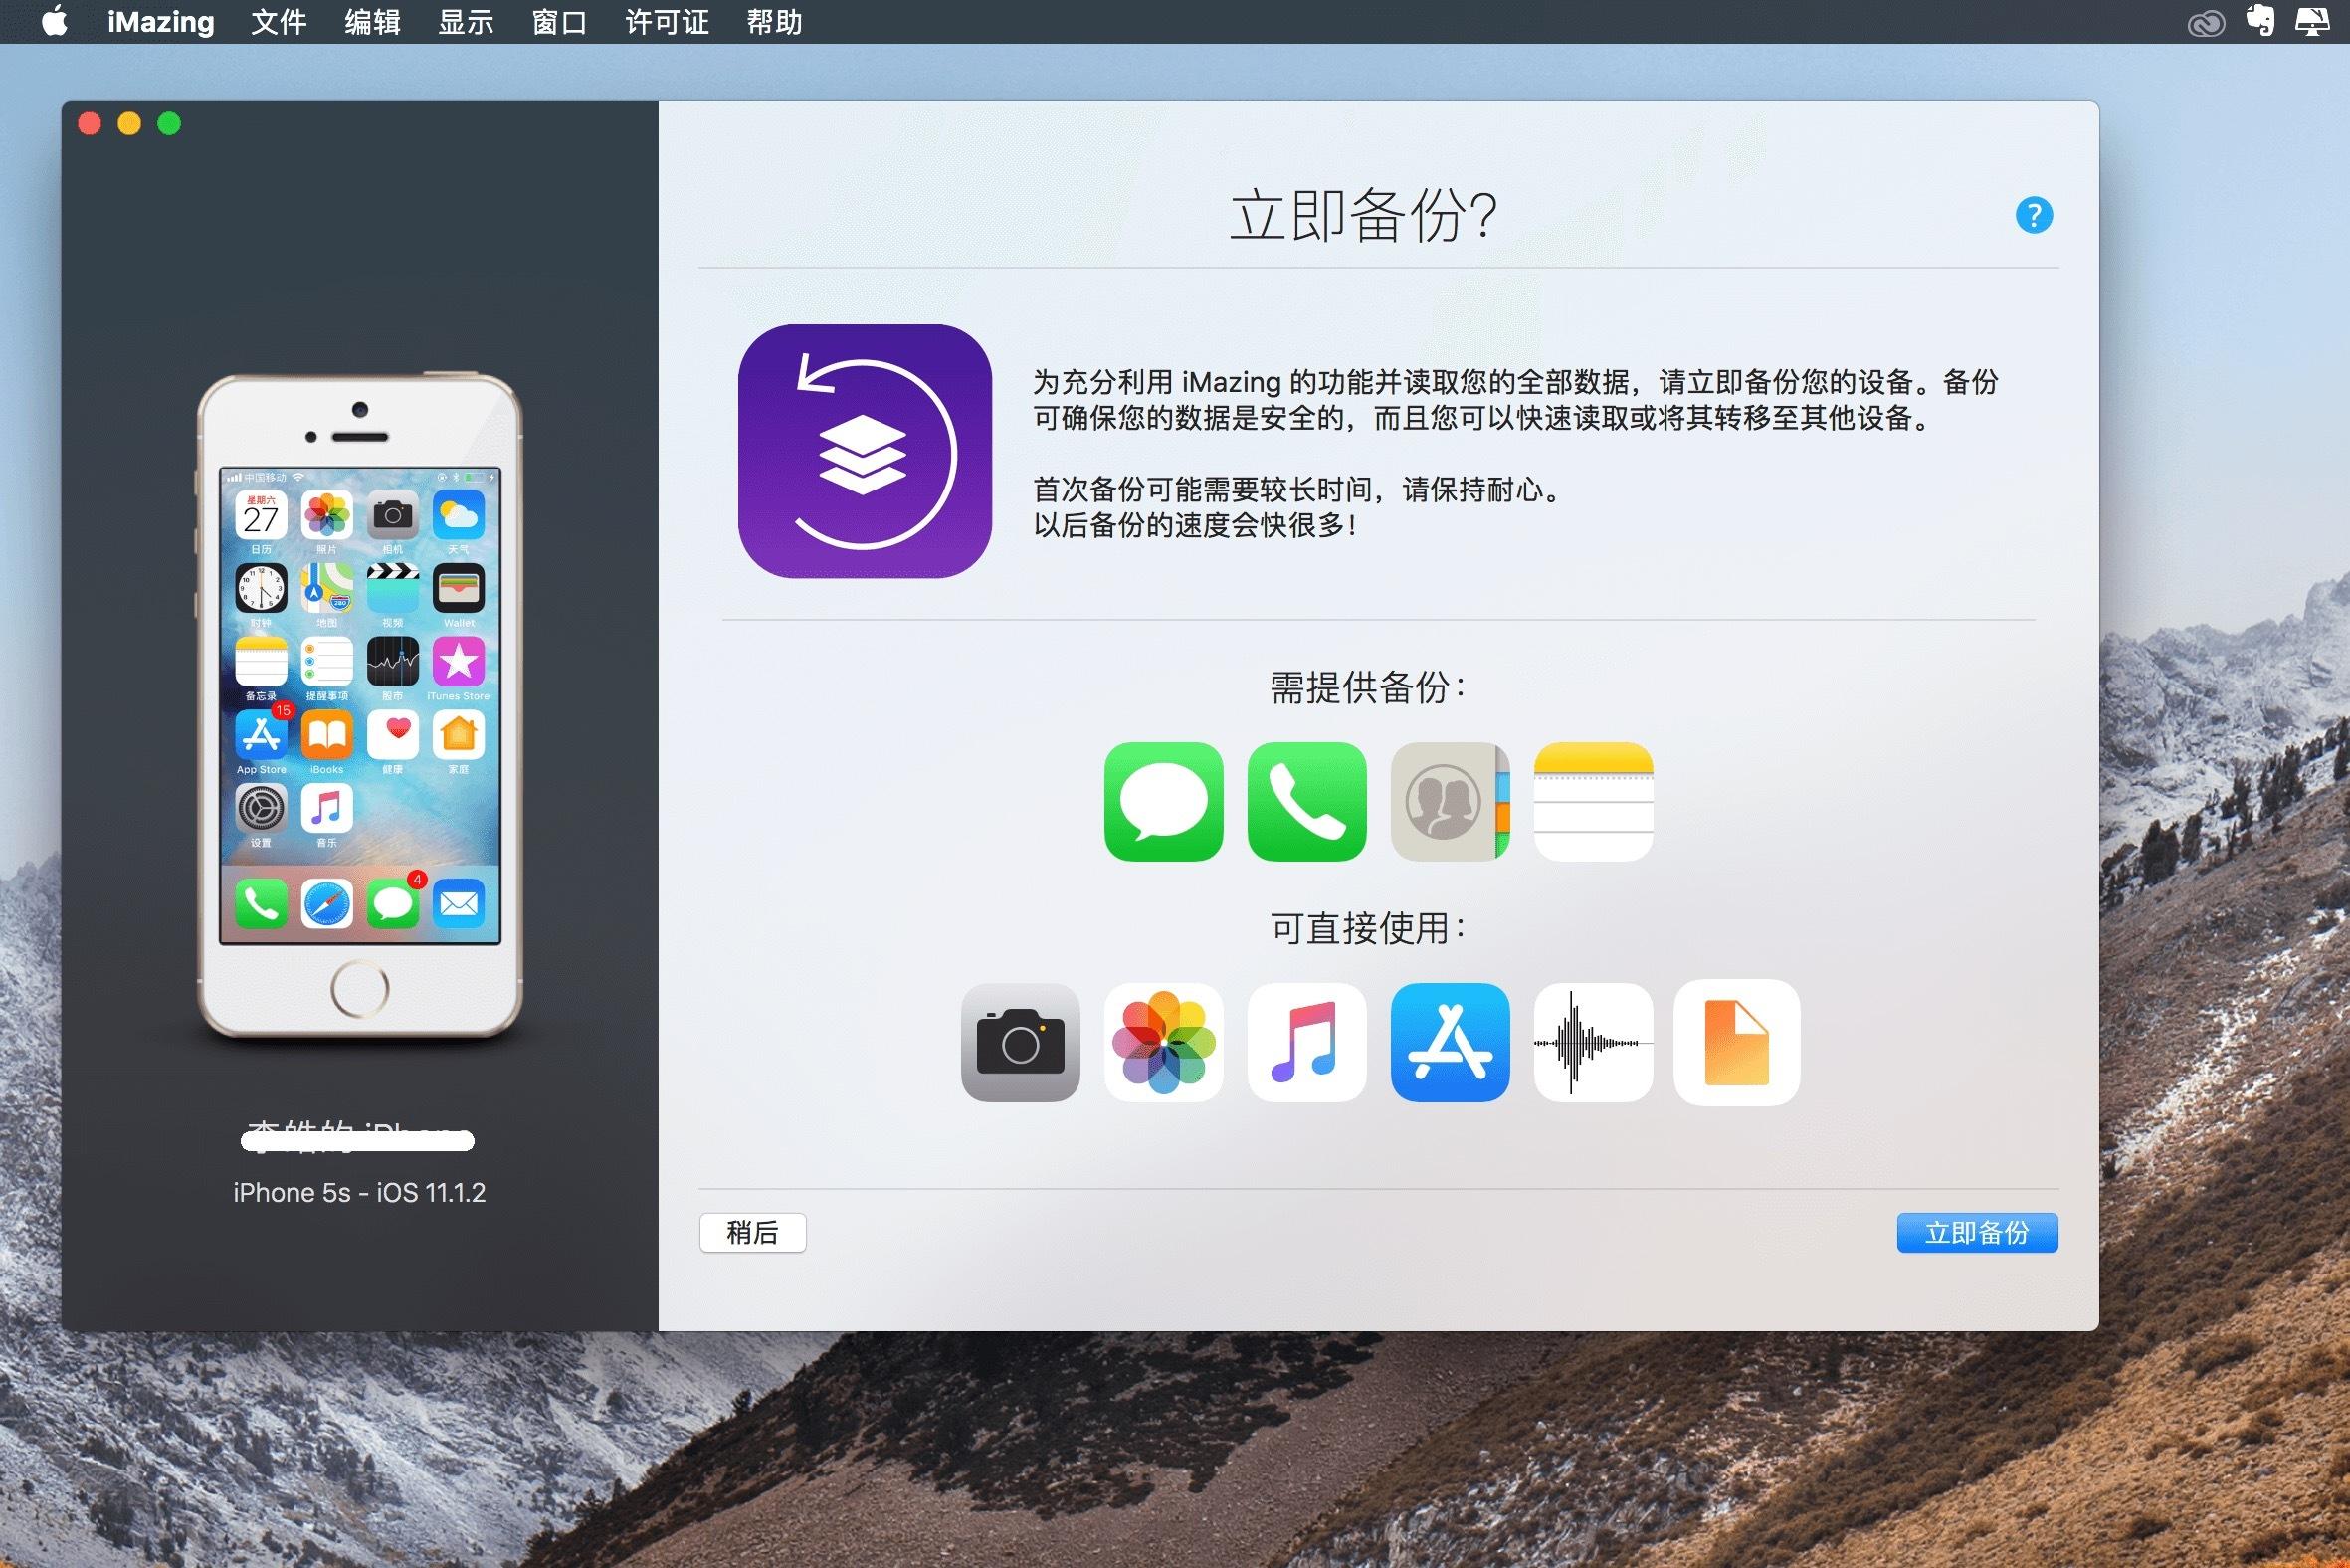 iMazing 2.12.4 (13847) 在Mac上管理 iPhone 如此简单-马克喵